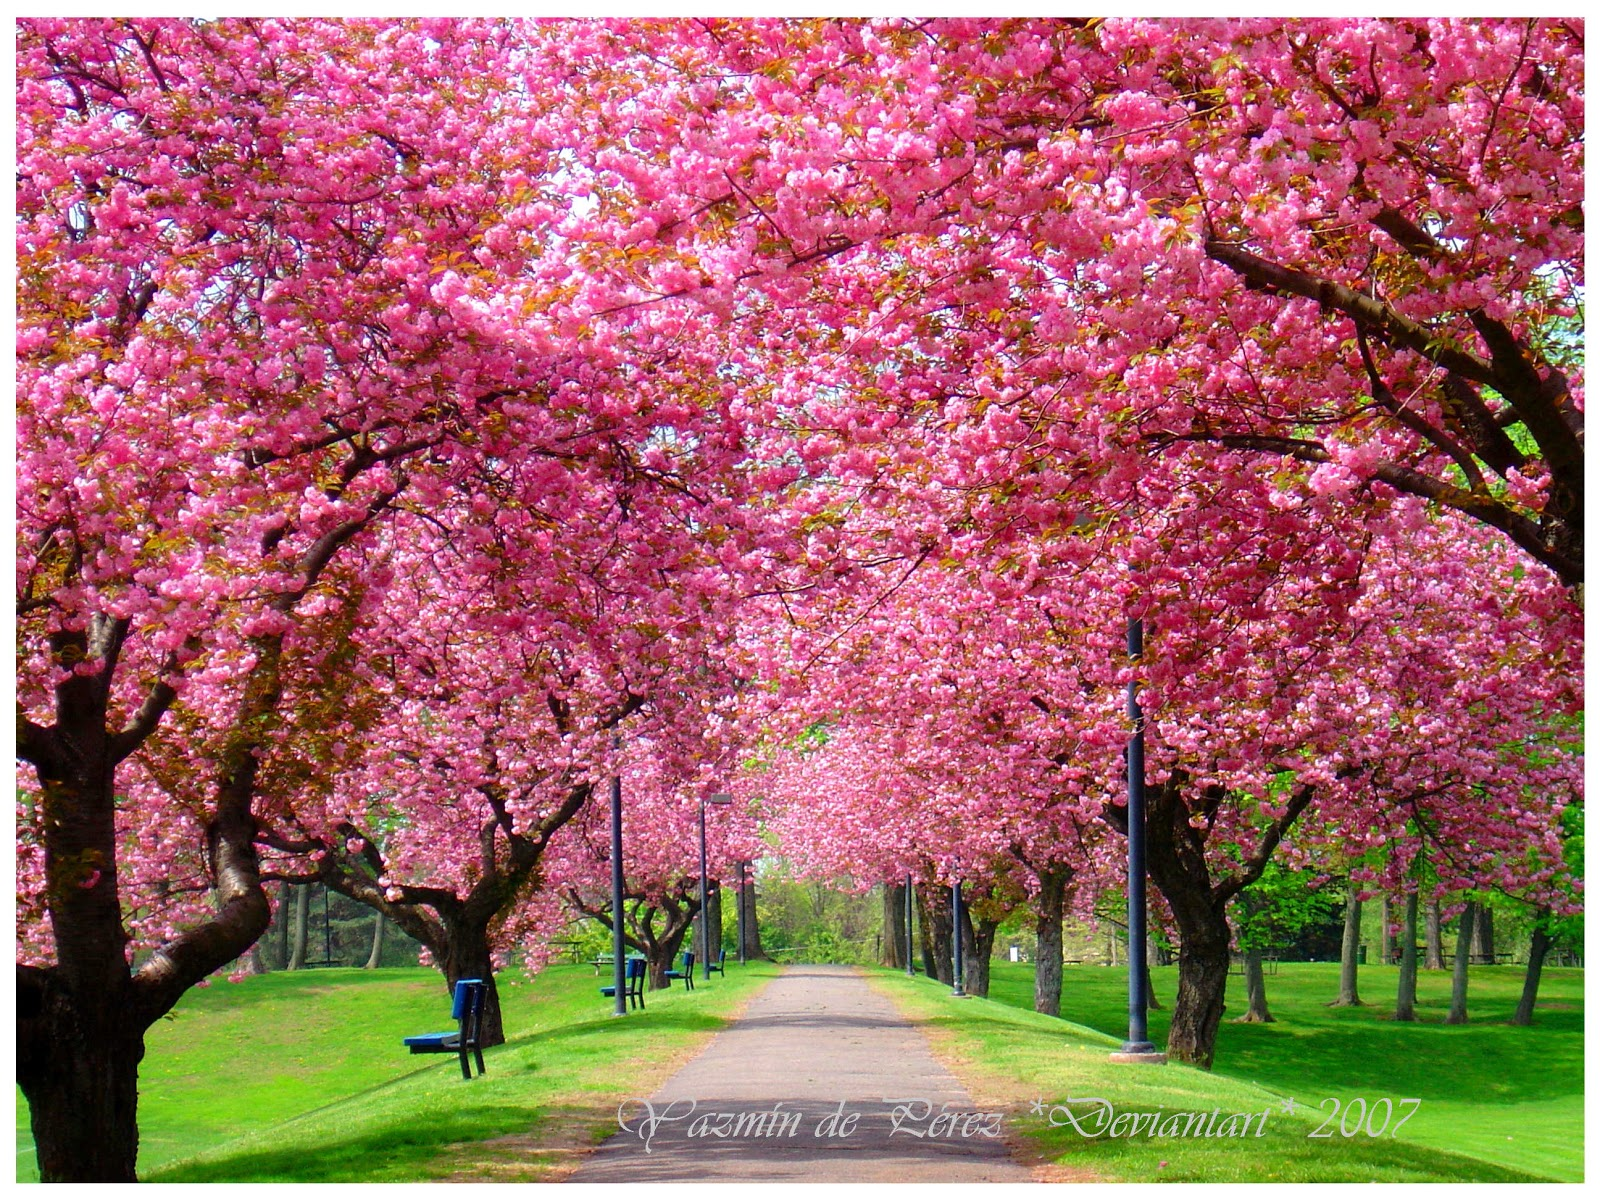 Gambar : musim semi